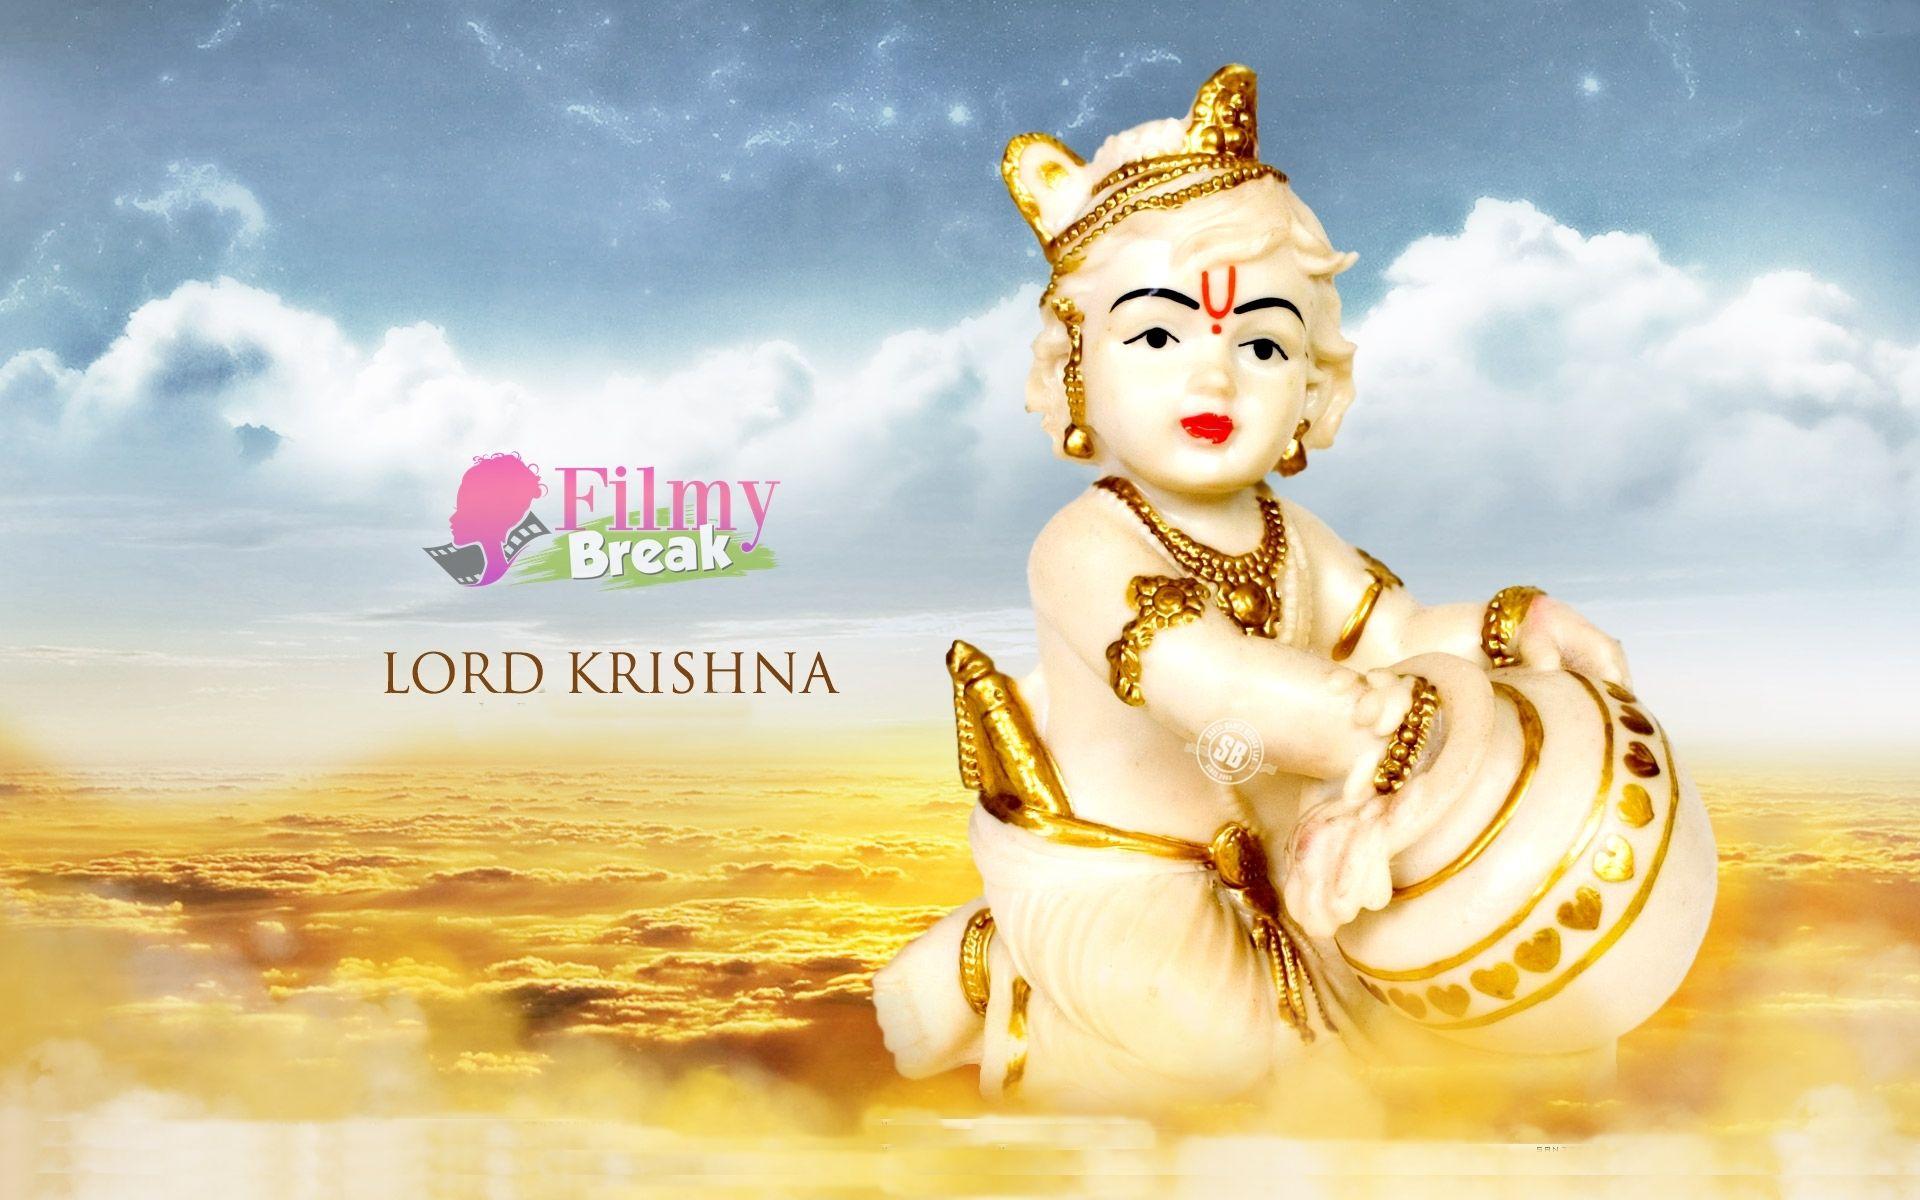 Radha Krishna Wallpaper Hd Full Size 1600x1200px Lord Krishna Images Krishna Images Krishna Wallpaper